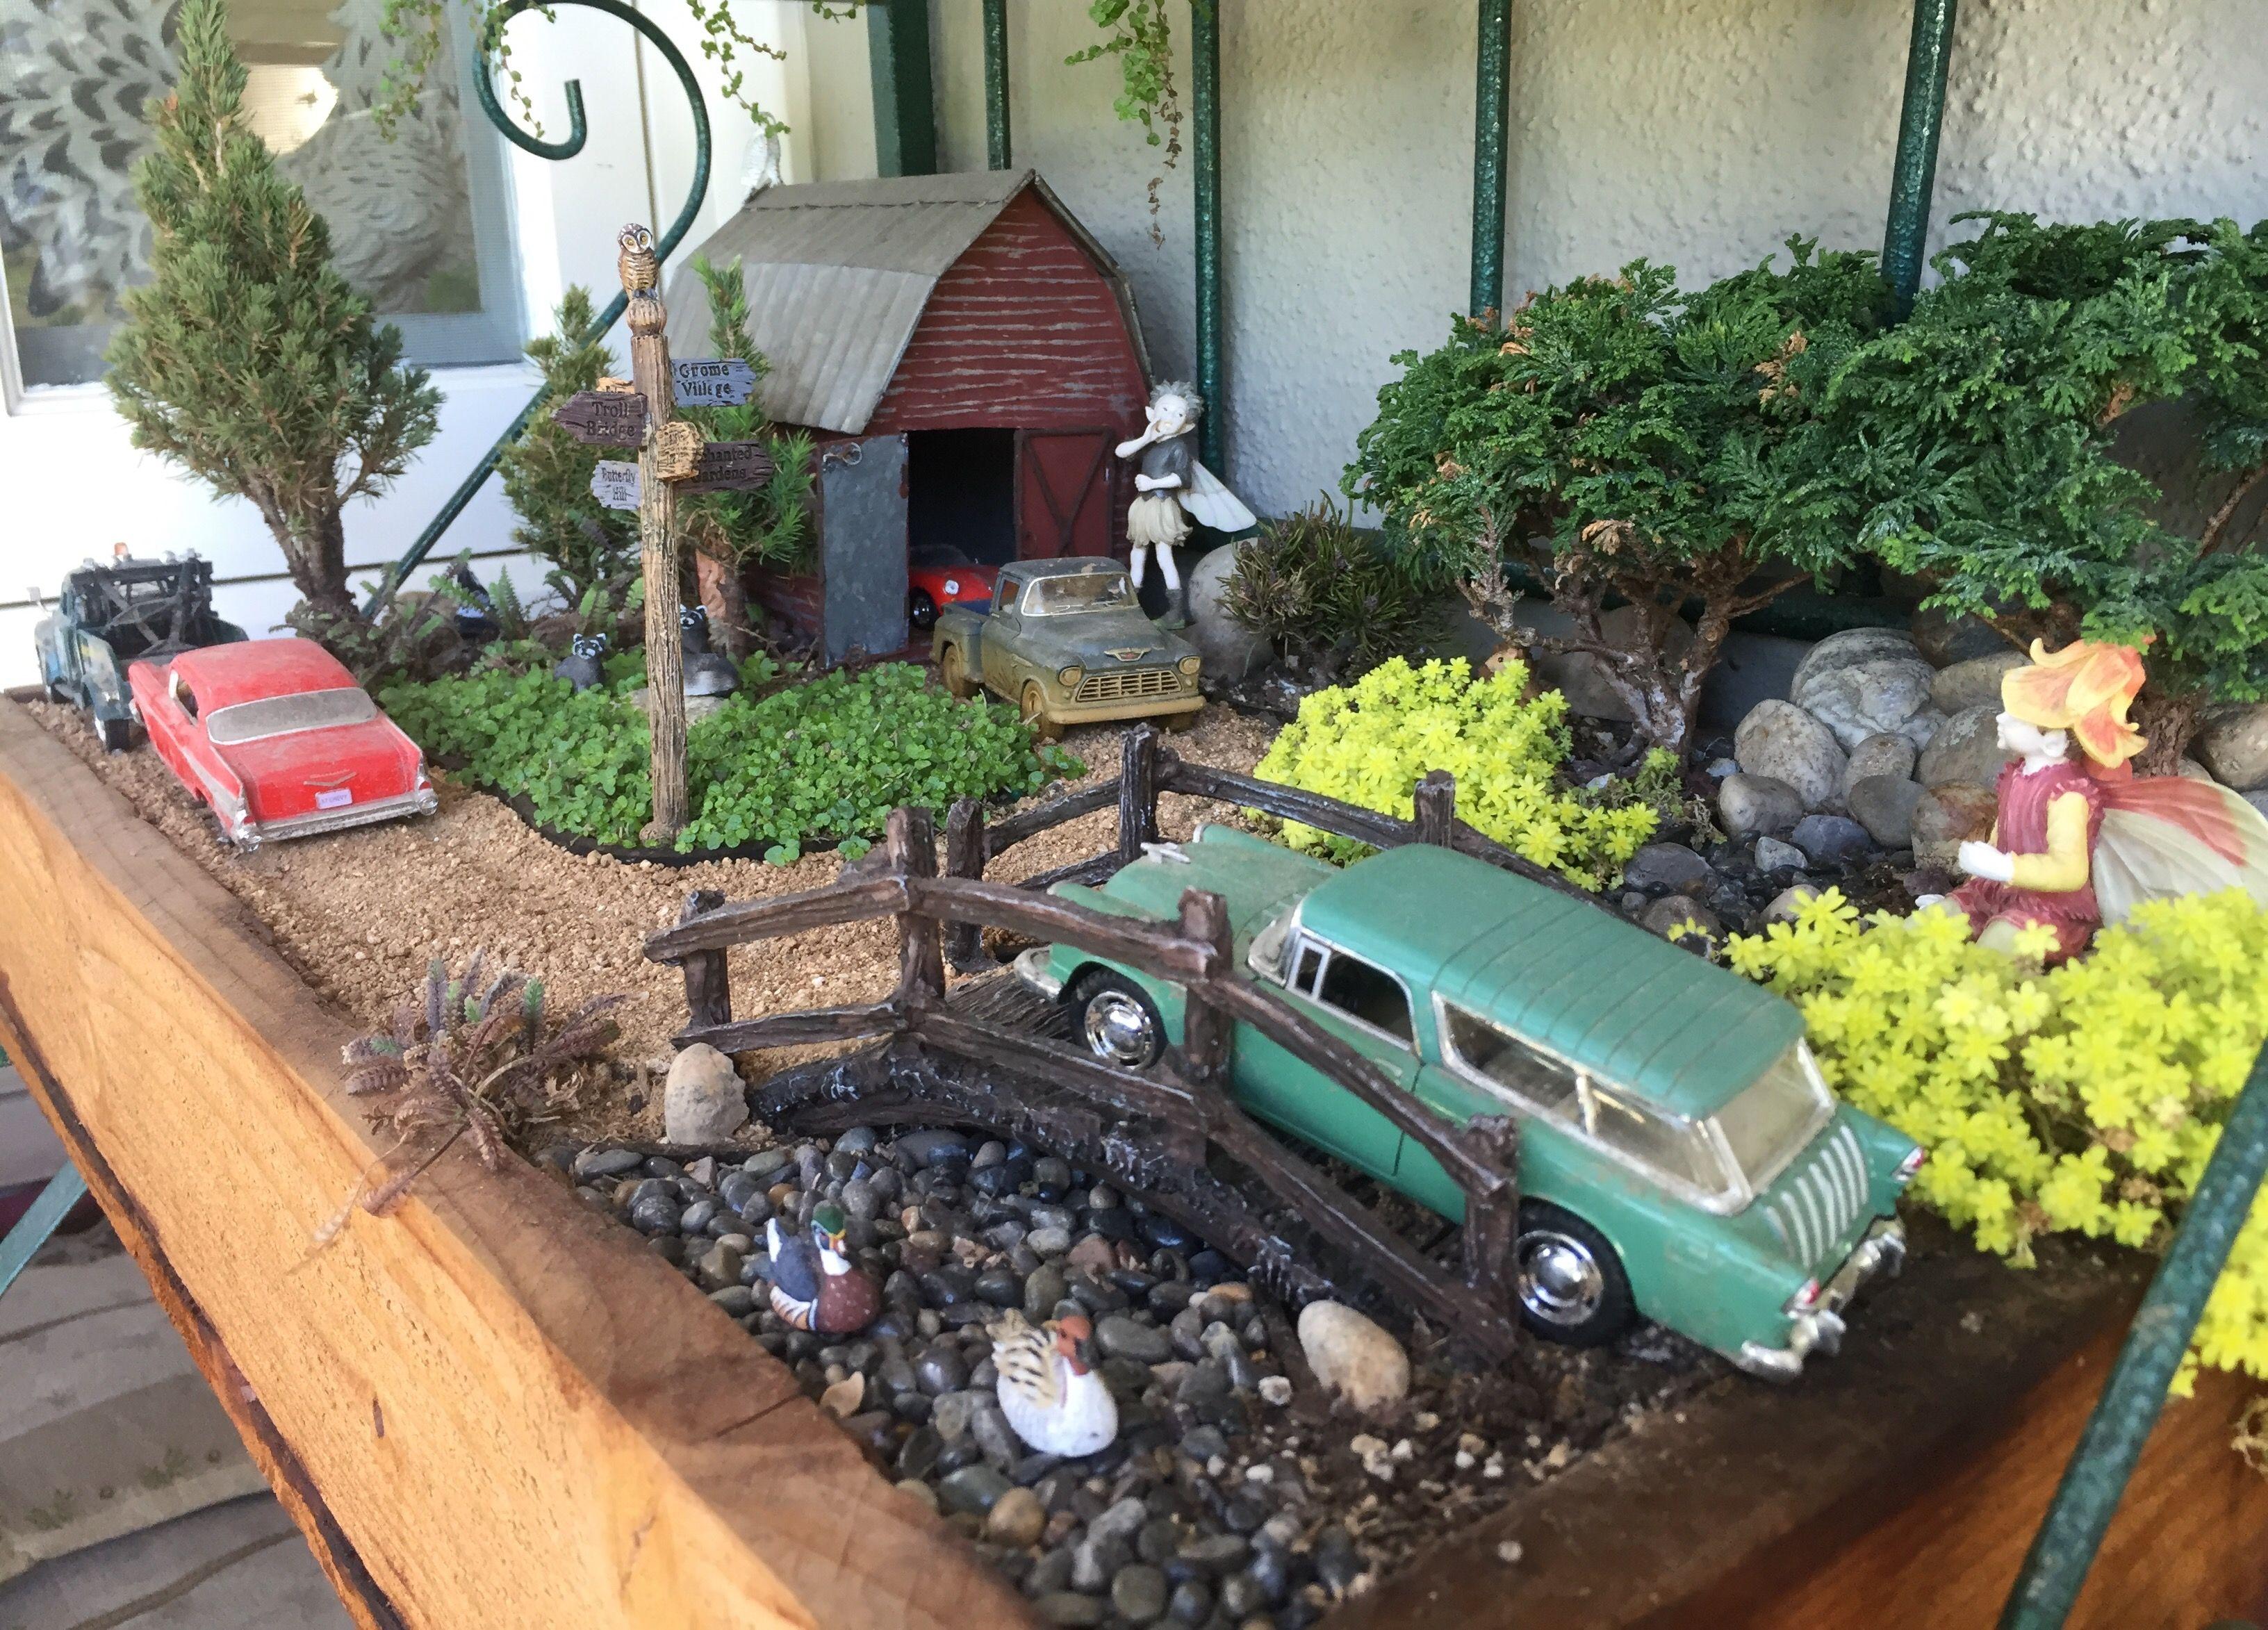 Gnome In Garden: Miniature Fairy Garden, HIDE & SEEK Is Nestled In Fairy